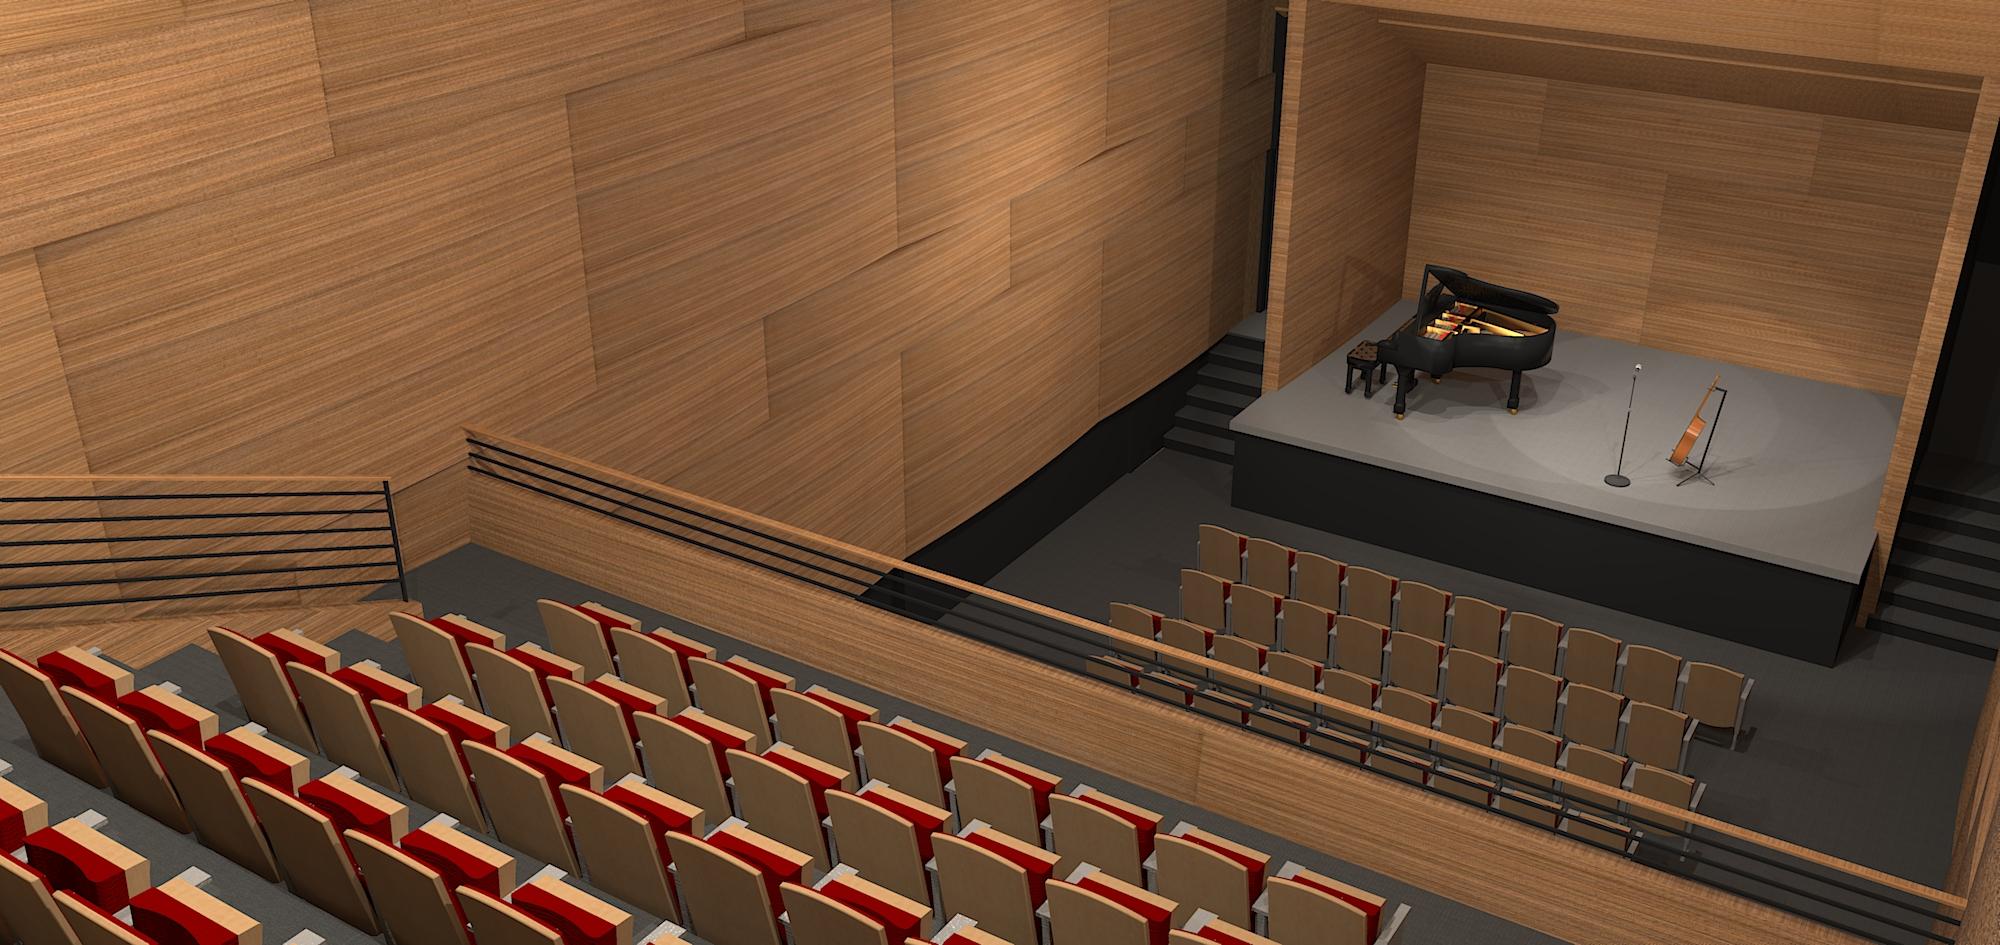 Sherbino-TheaterOverall-2.jpg